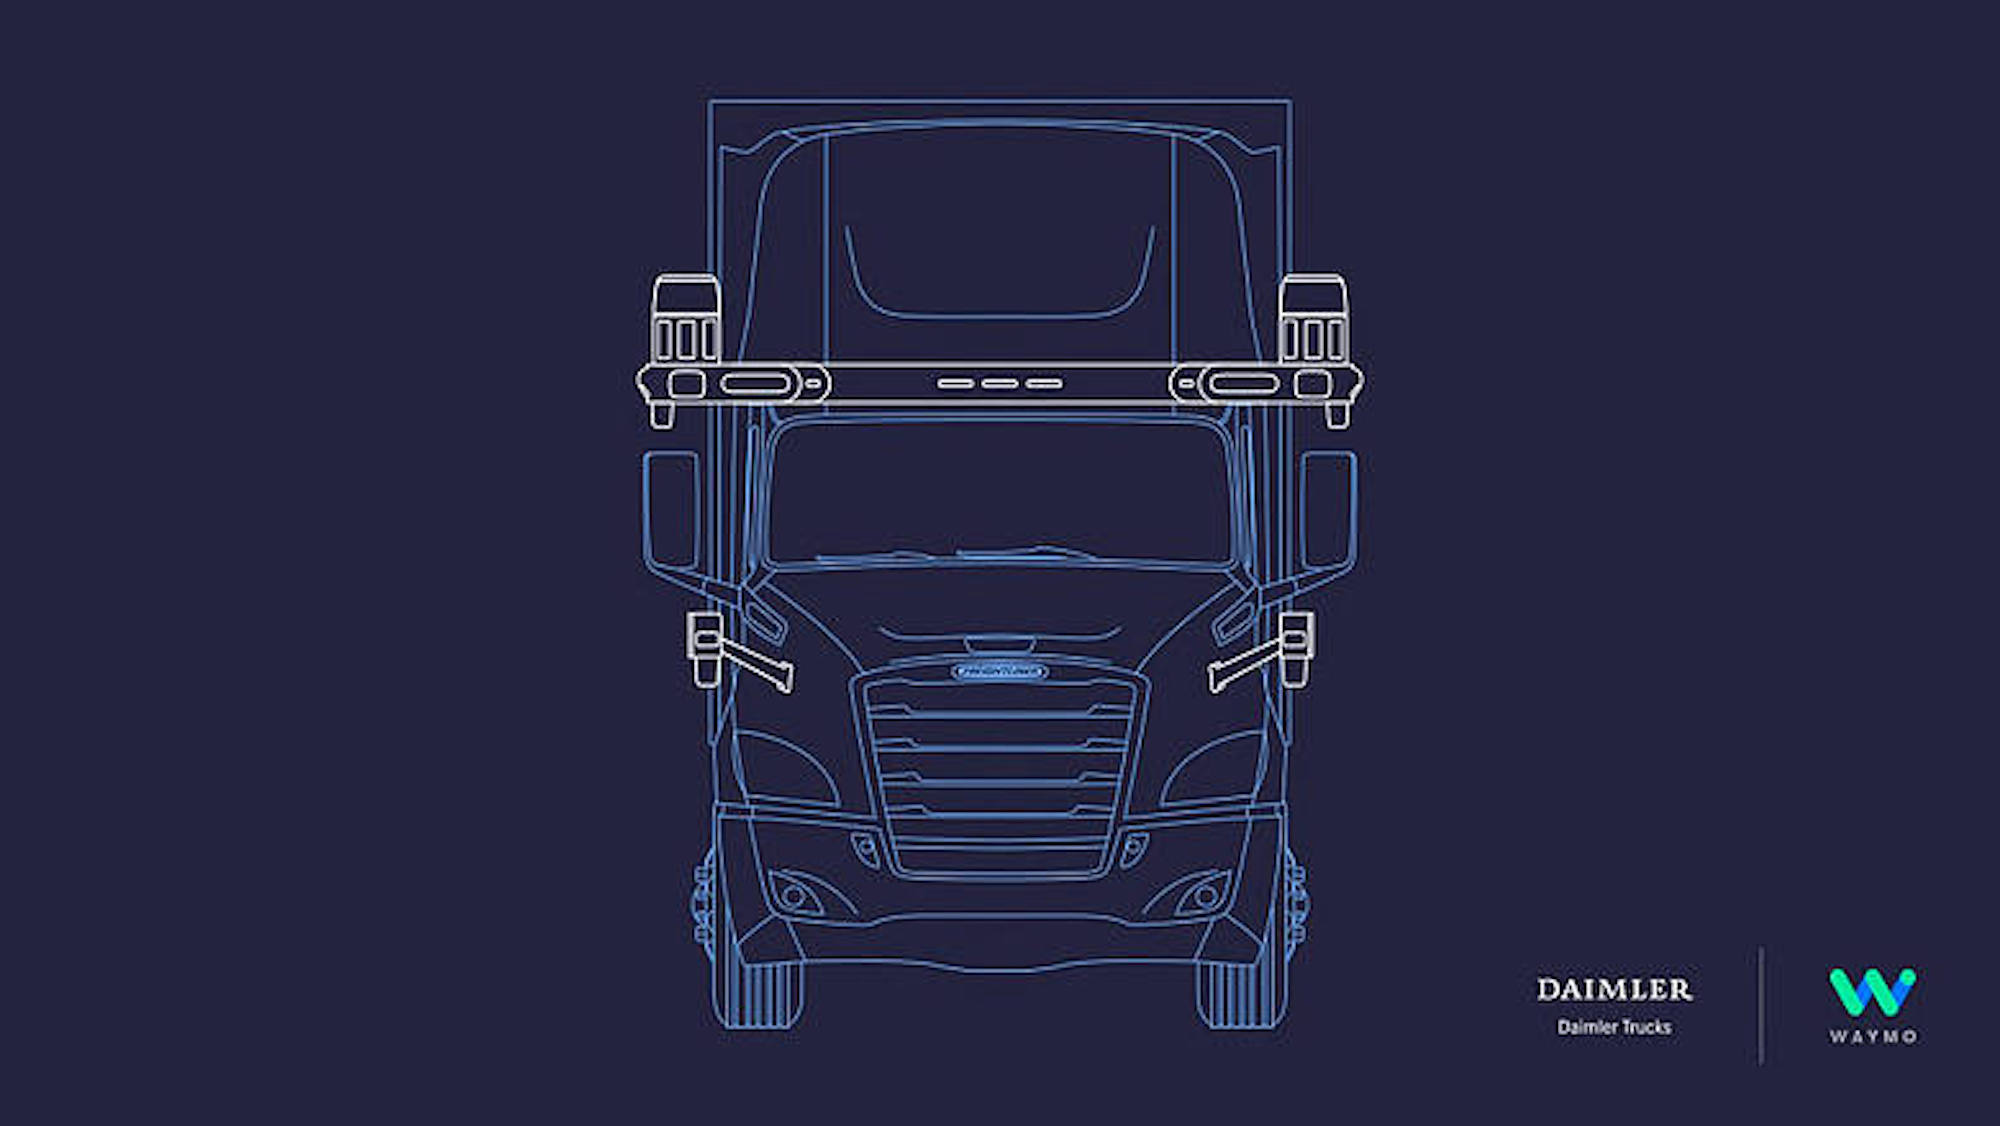 csm_Daimler-Trucks-Waymo_6ba6138728